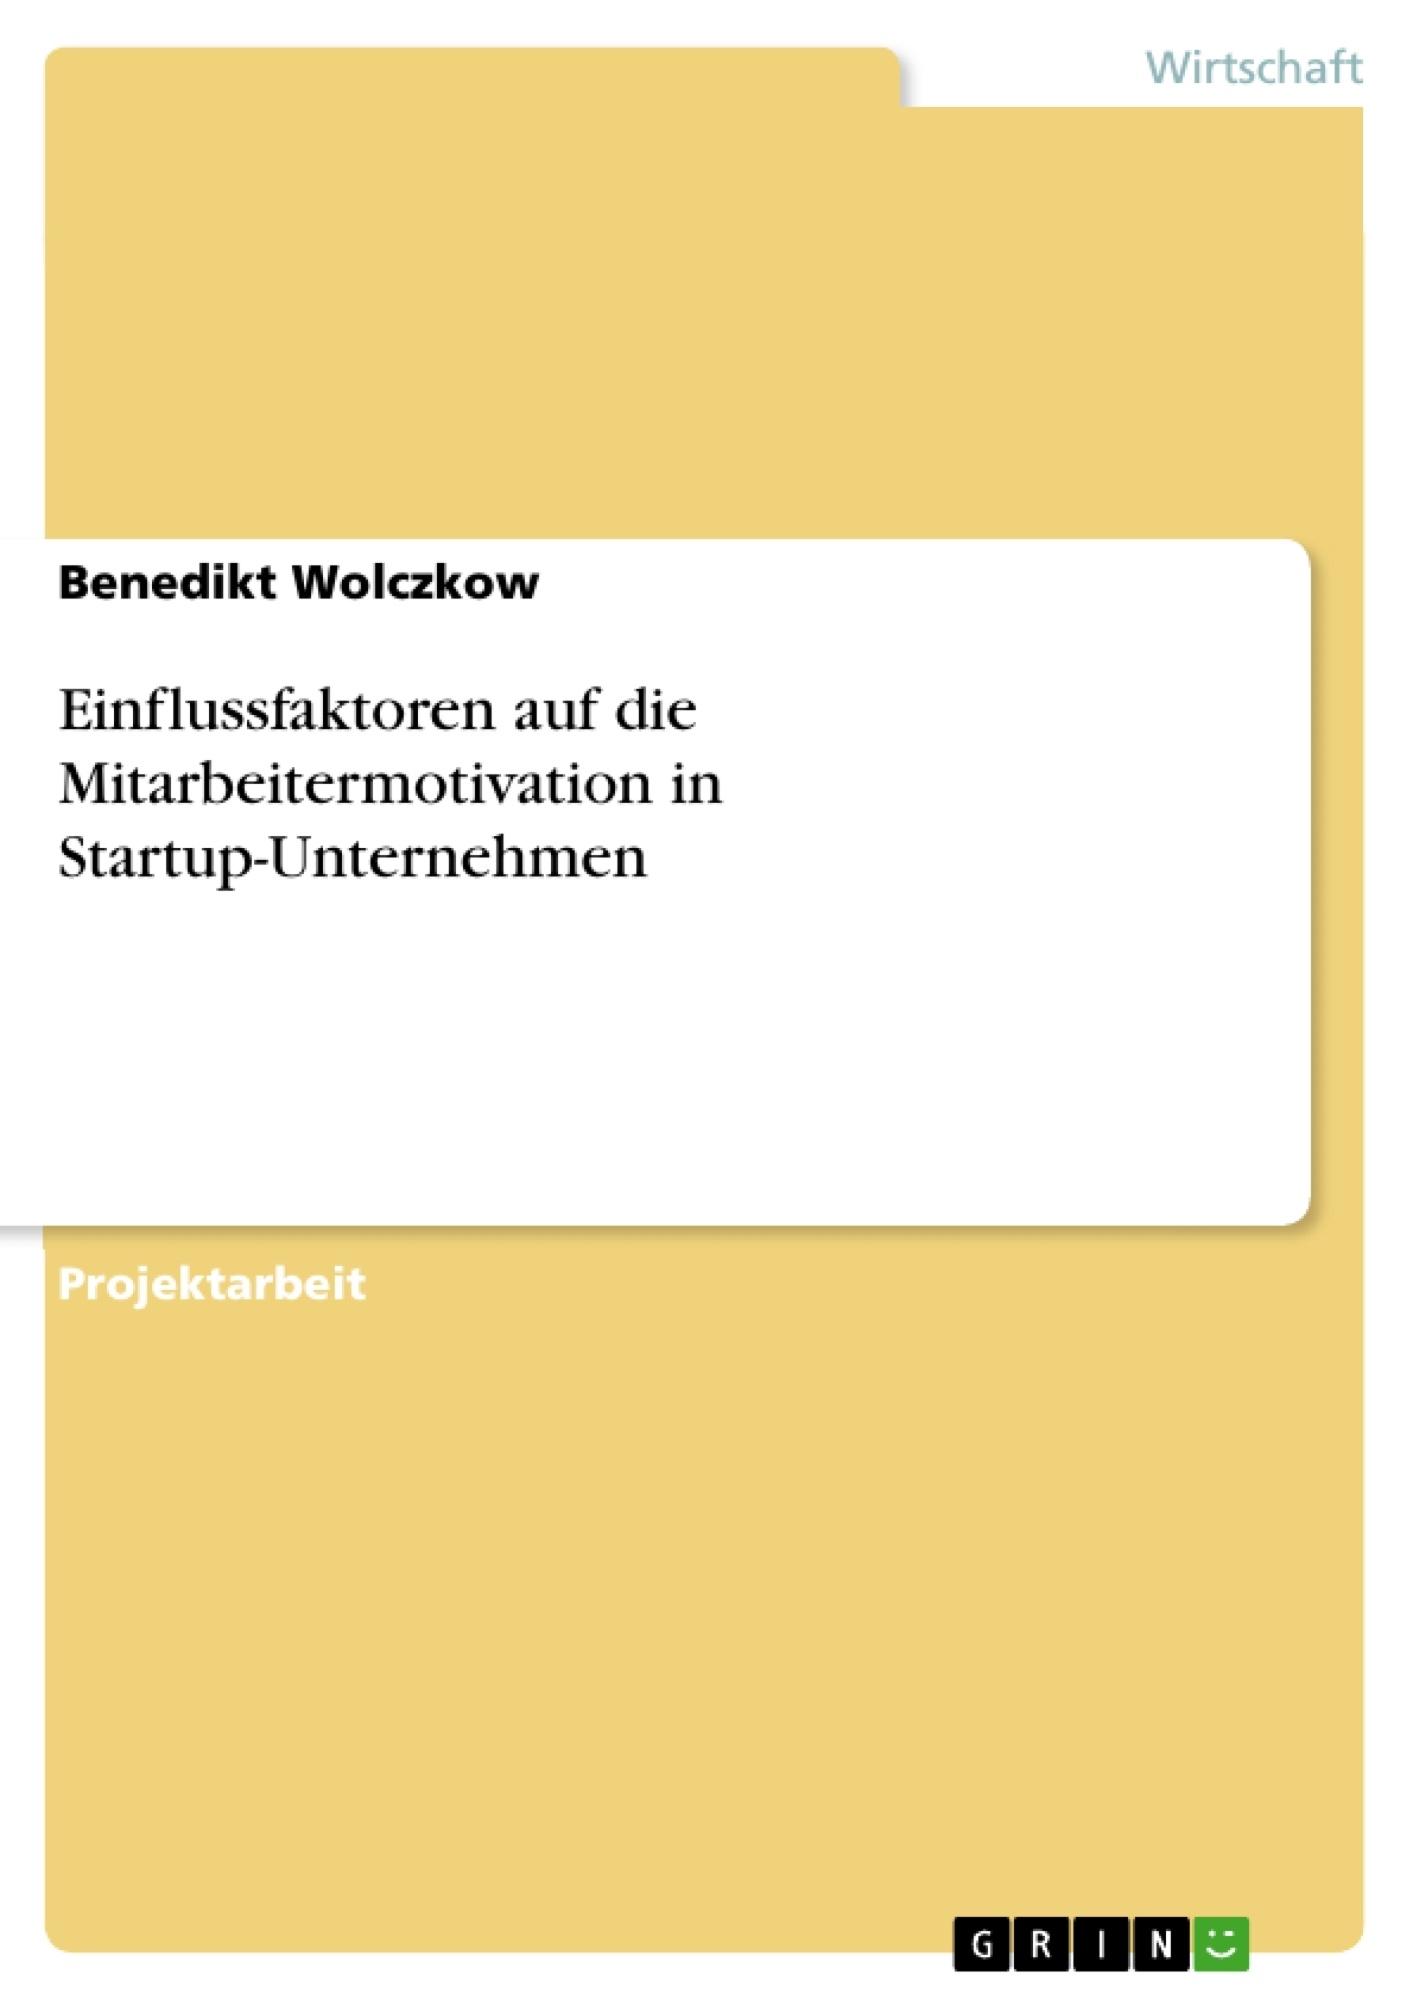 Titel: Einflussfaktoren auf die Mitarbeitermotivation in Startup-Unternehmen